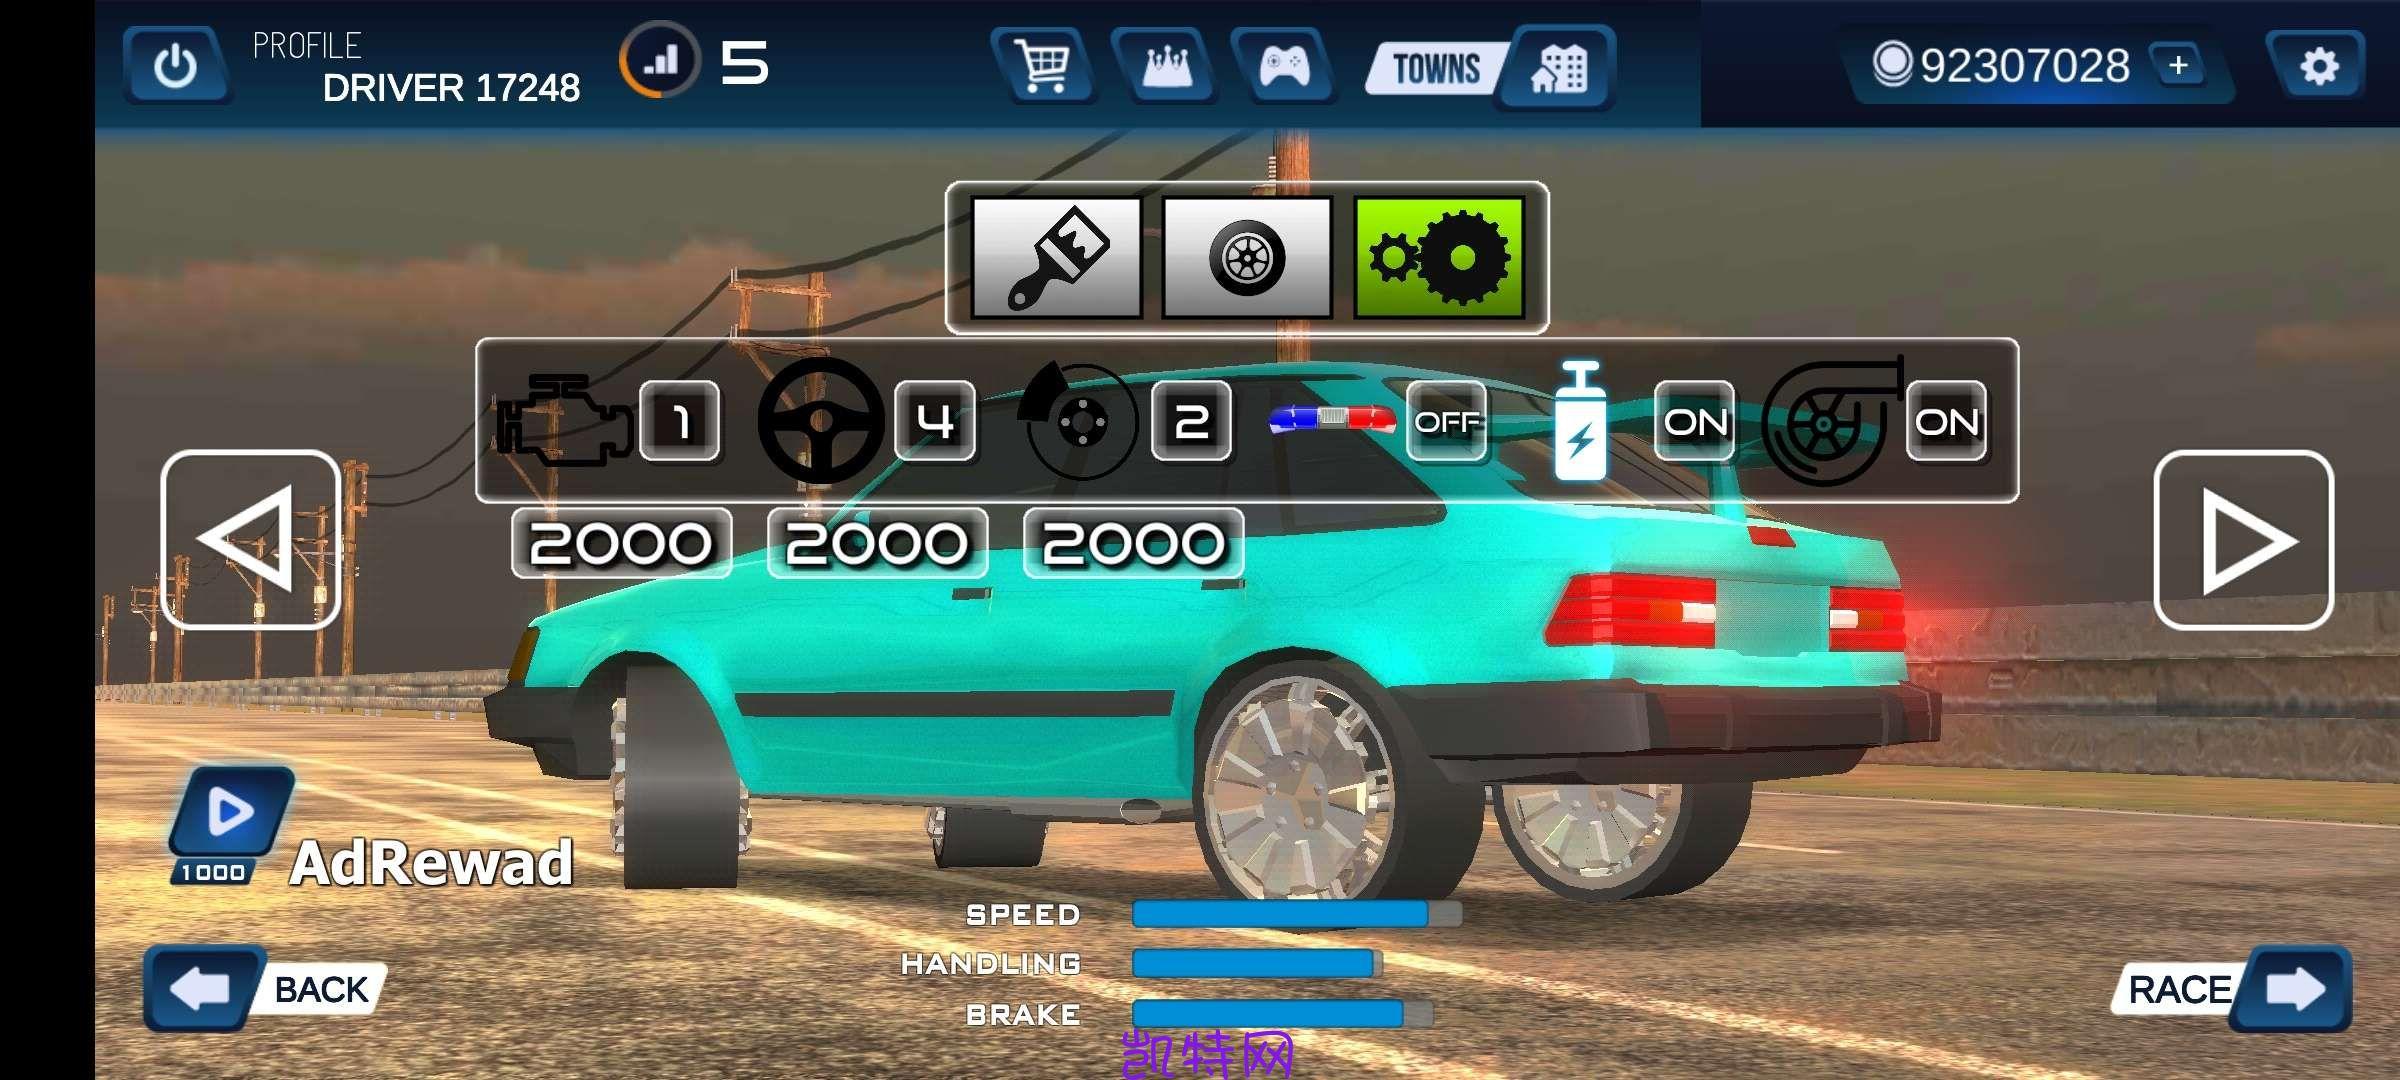 【无邪原创】Traffic Game Racer.ver.1.3